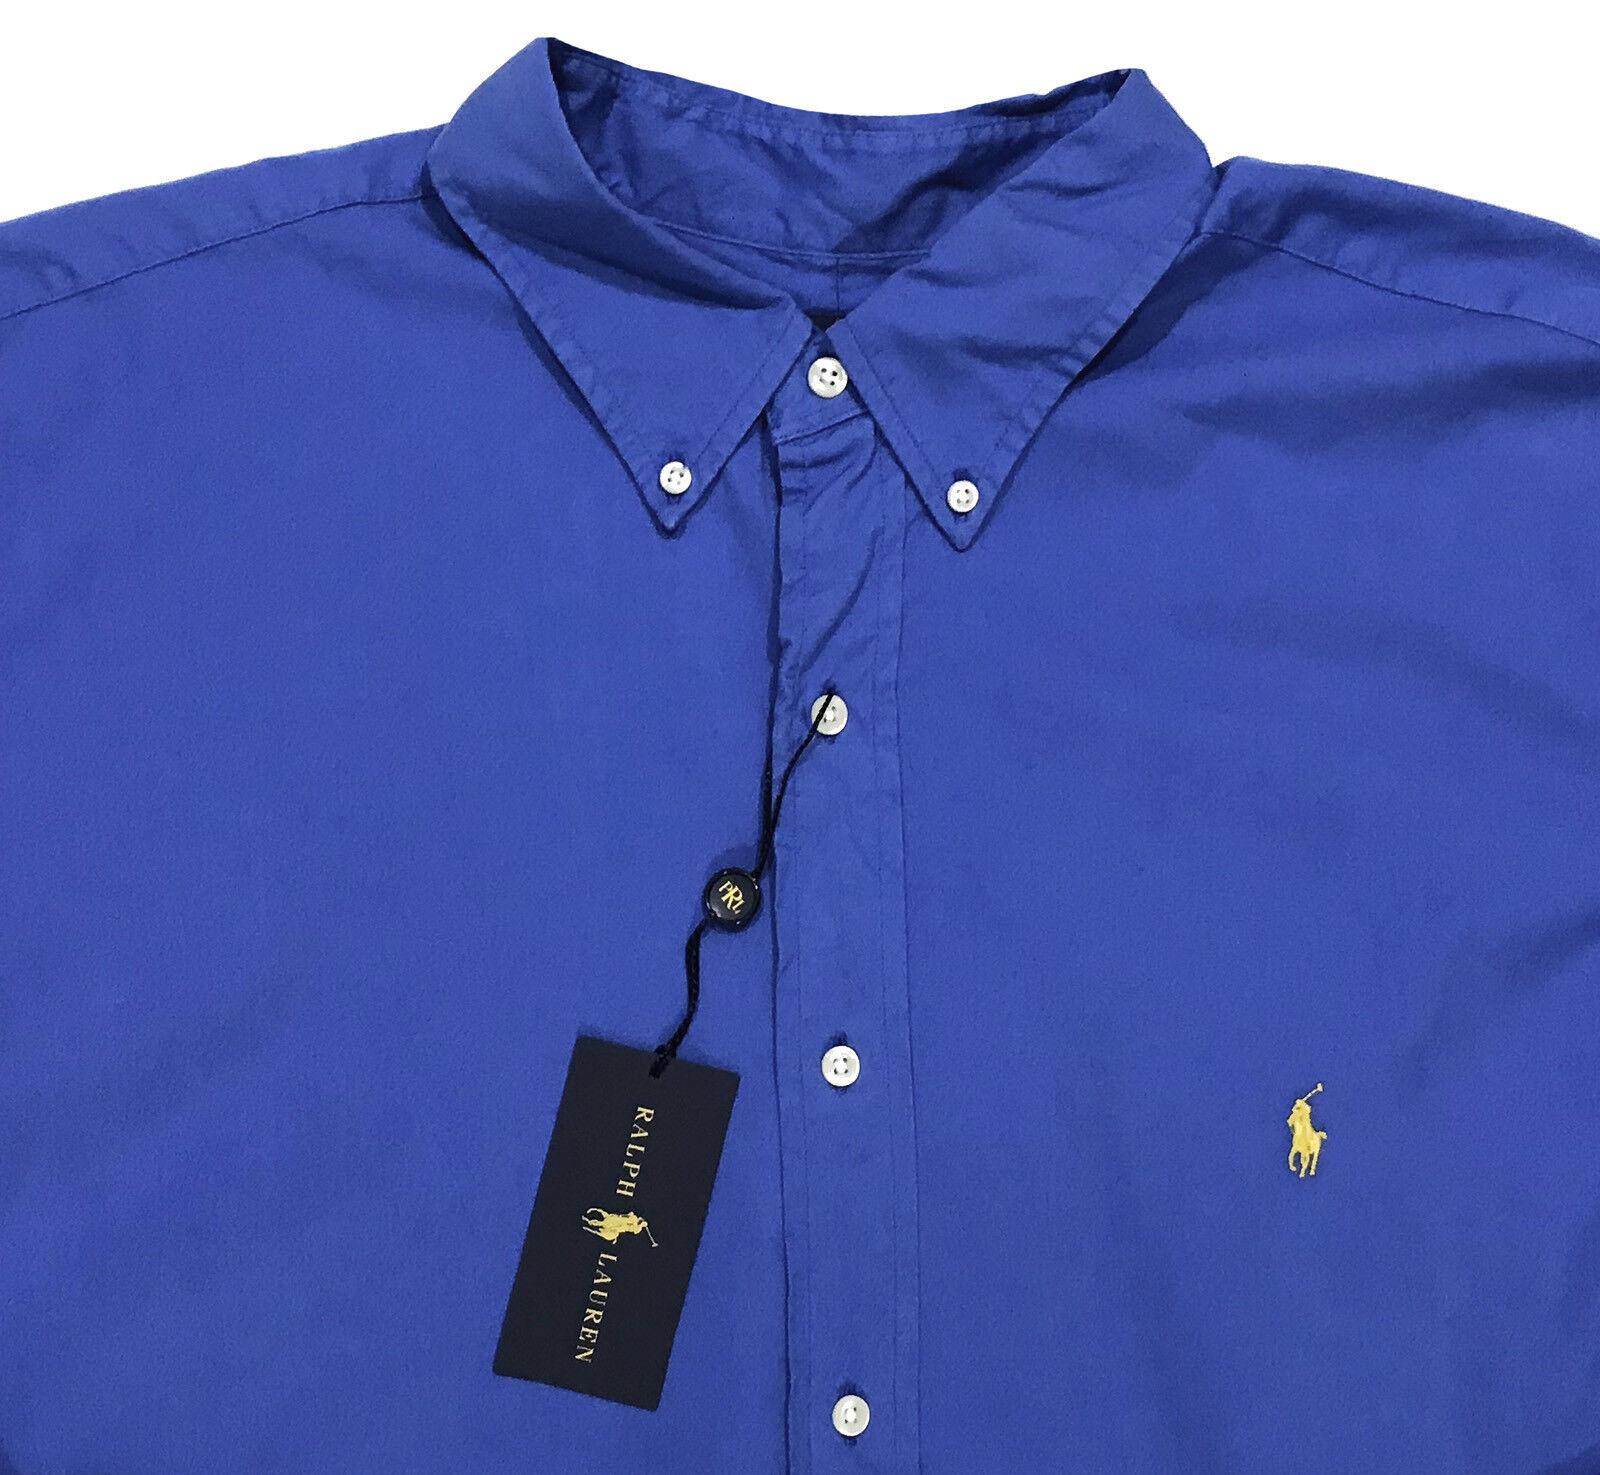 Men's RALPH LAUREN Vivid bluee Feather Weight Twill Shirt XLT Tall NWT NEW Nice